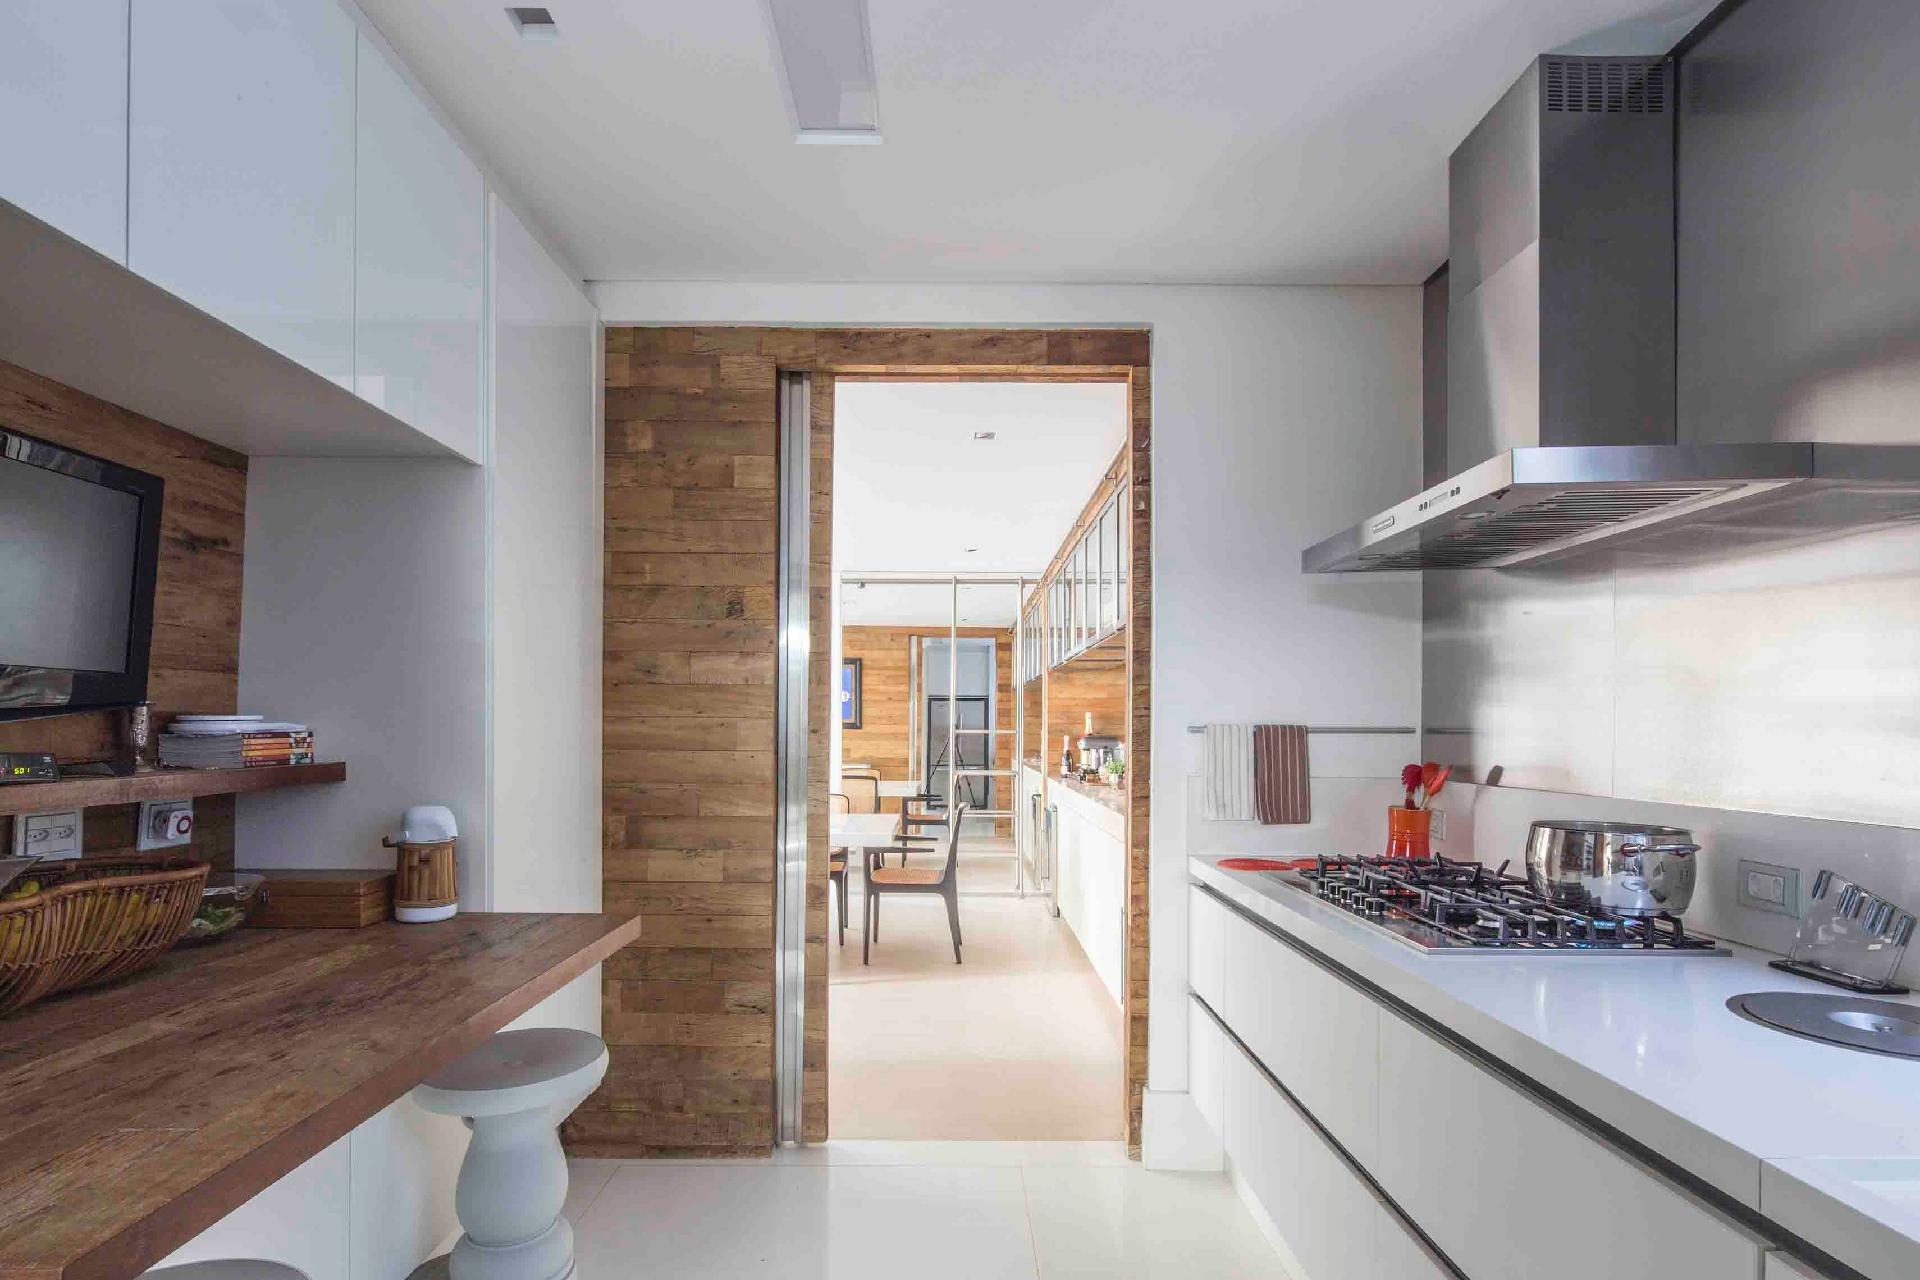 Veja ideias bacanas para construir ou reformar a cozinha de casa BOL  #876444 1920 1280